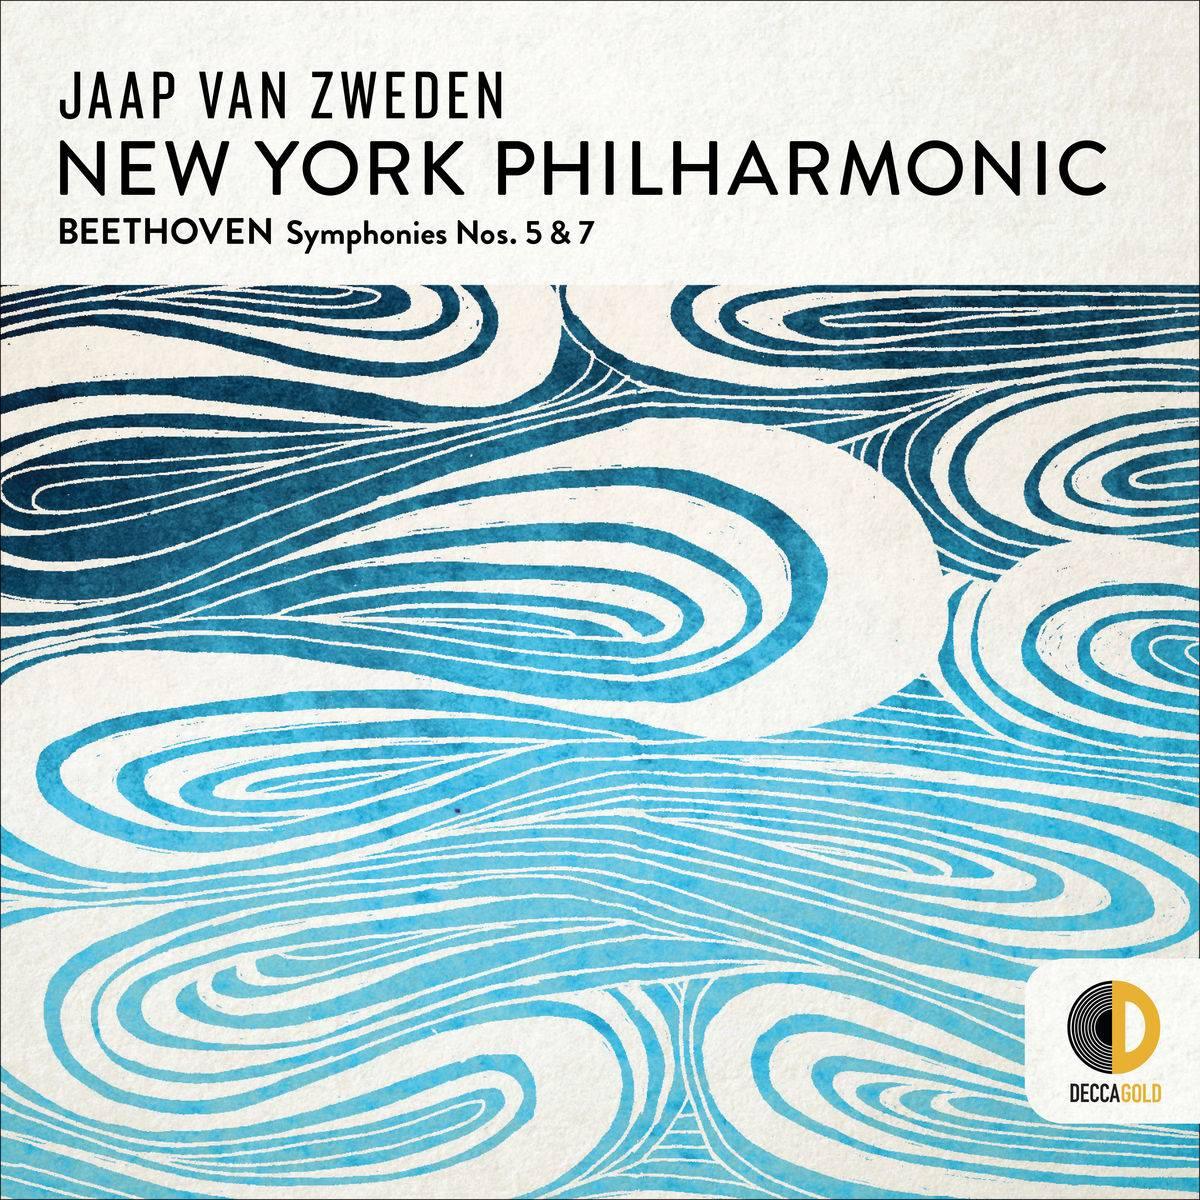 New York Philharmonic & Jaap van Zweden - Beethoven: Symphonies Nos. 5 & 7 (2018) [Official Digital Download 24/96]